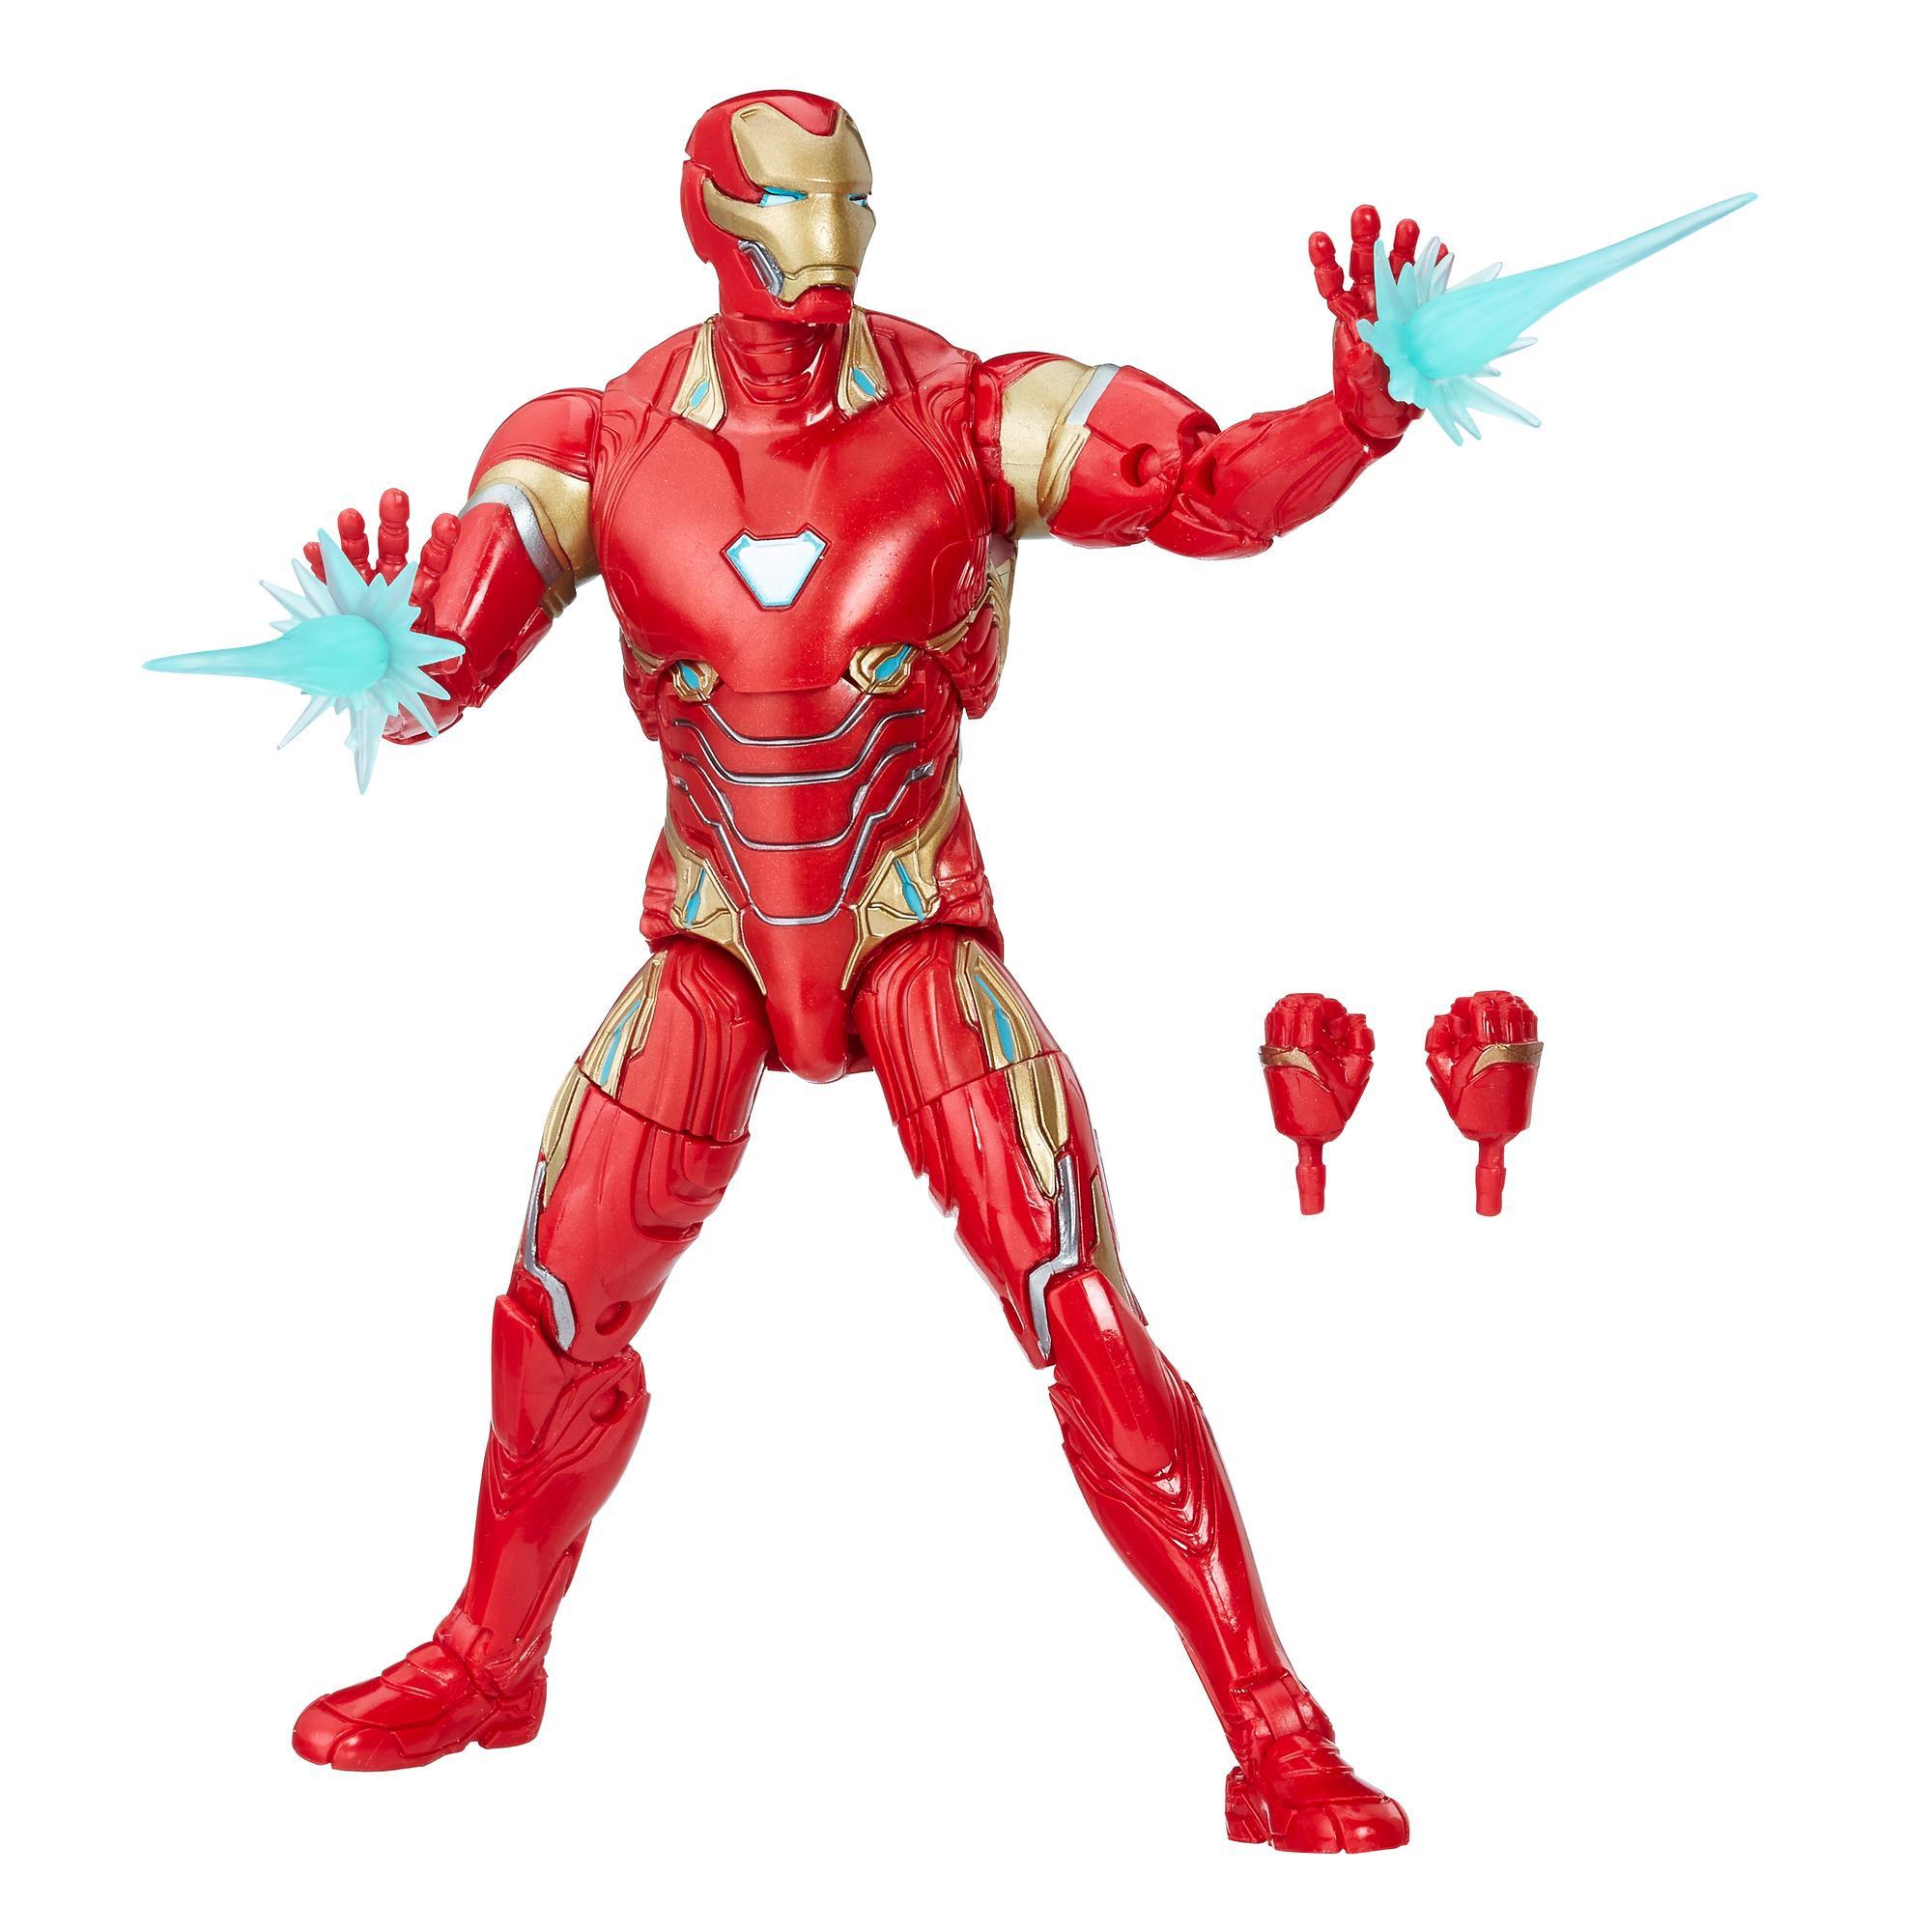 Marvel Legends - Iron Man (Build-A-Figure Thanos Action Figure Collezione, 15 cm)